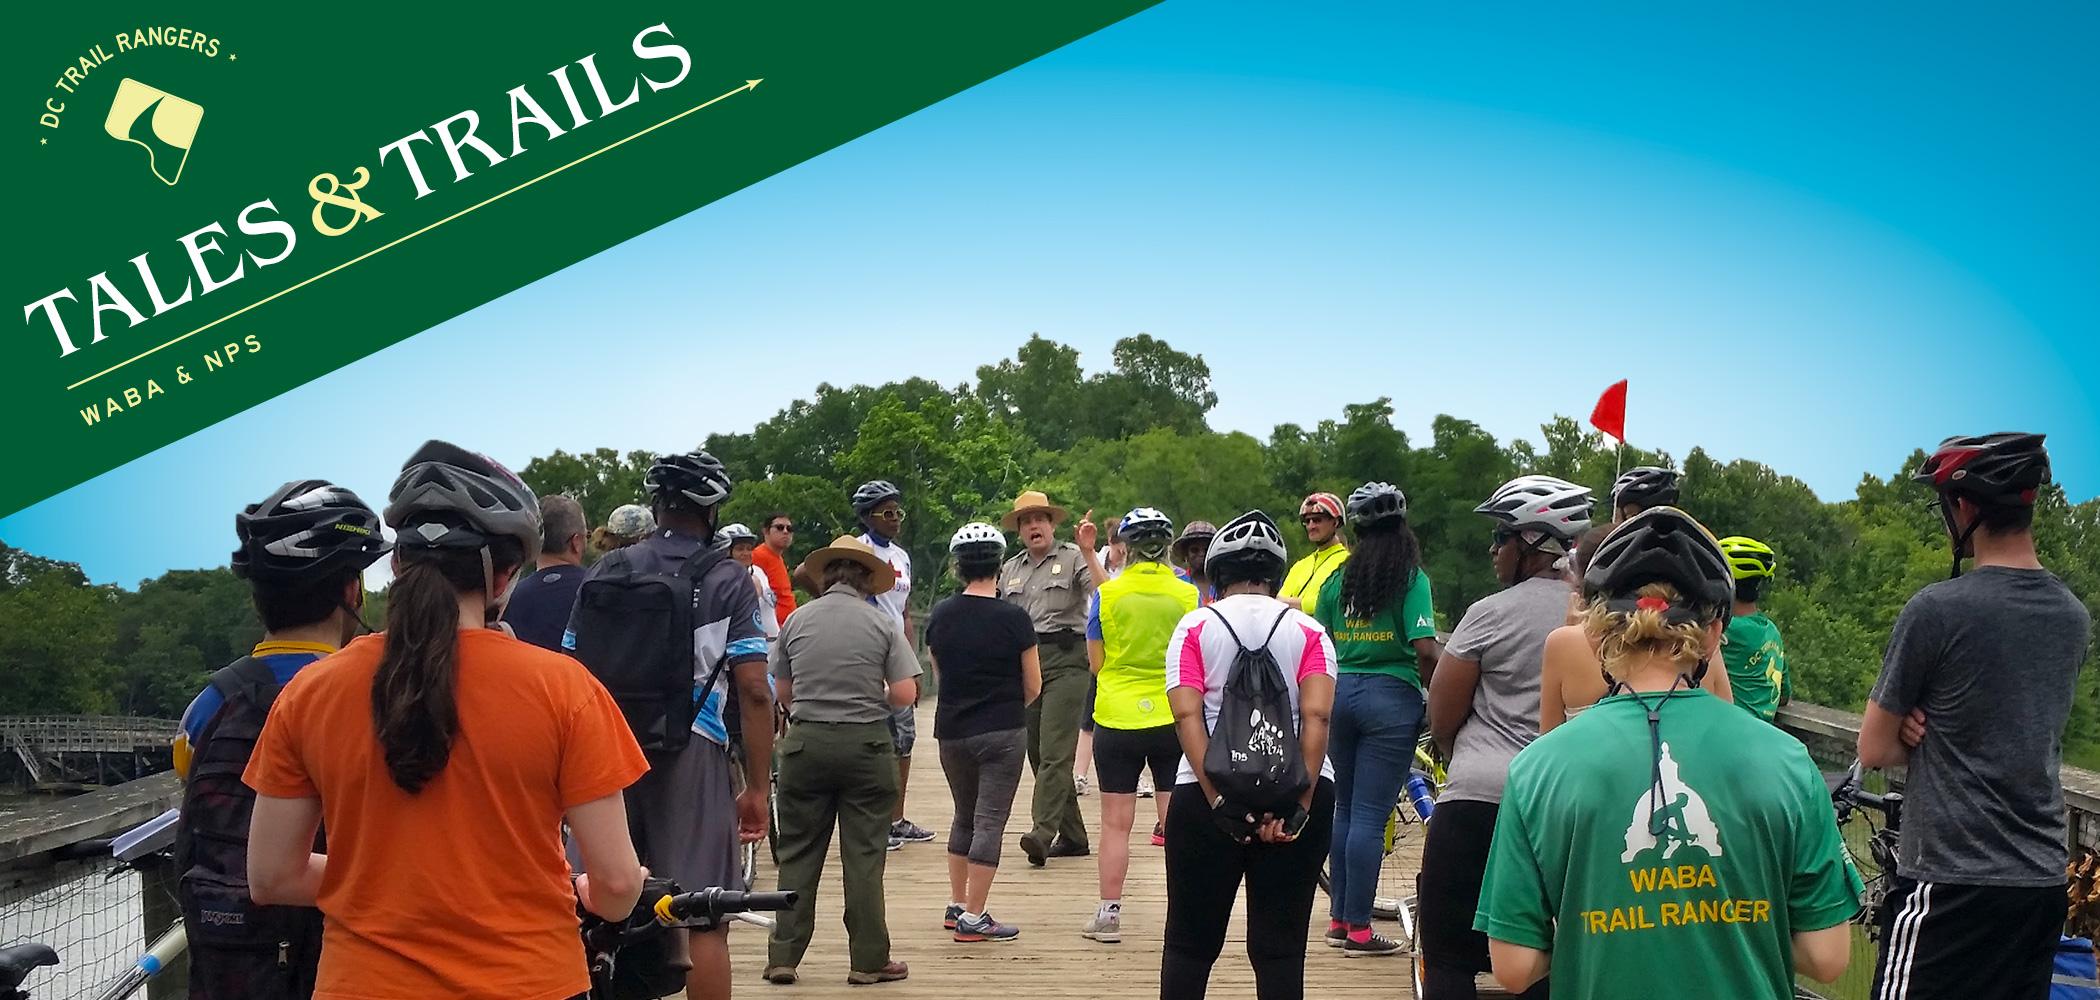 Photo: Washington Area Bicycle Association (WABA)